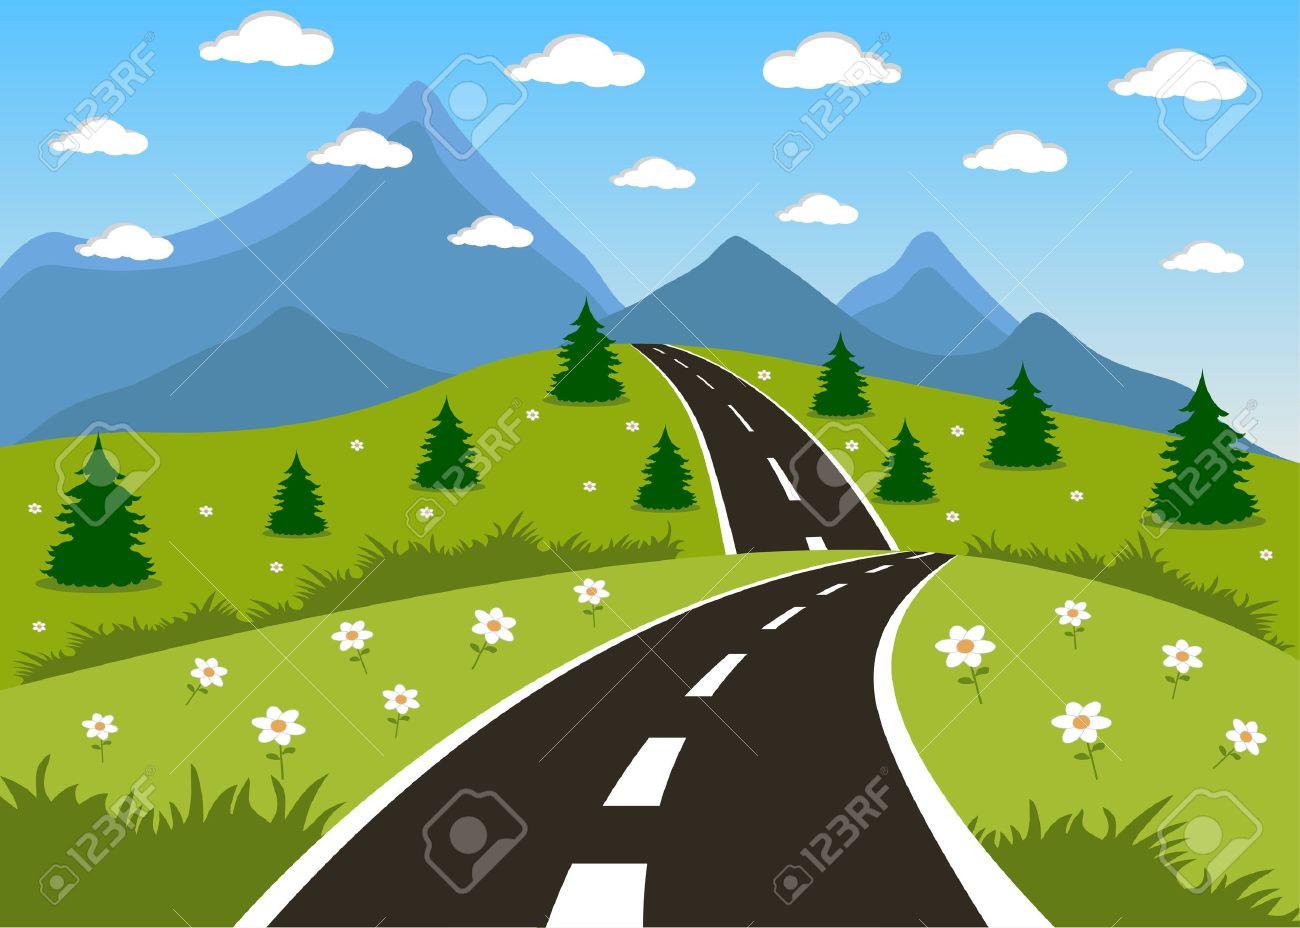 Dessin De Route illustration d'un été de dessin animé ou une route de printemps à la